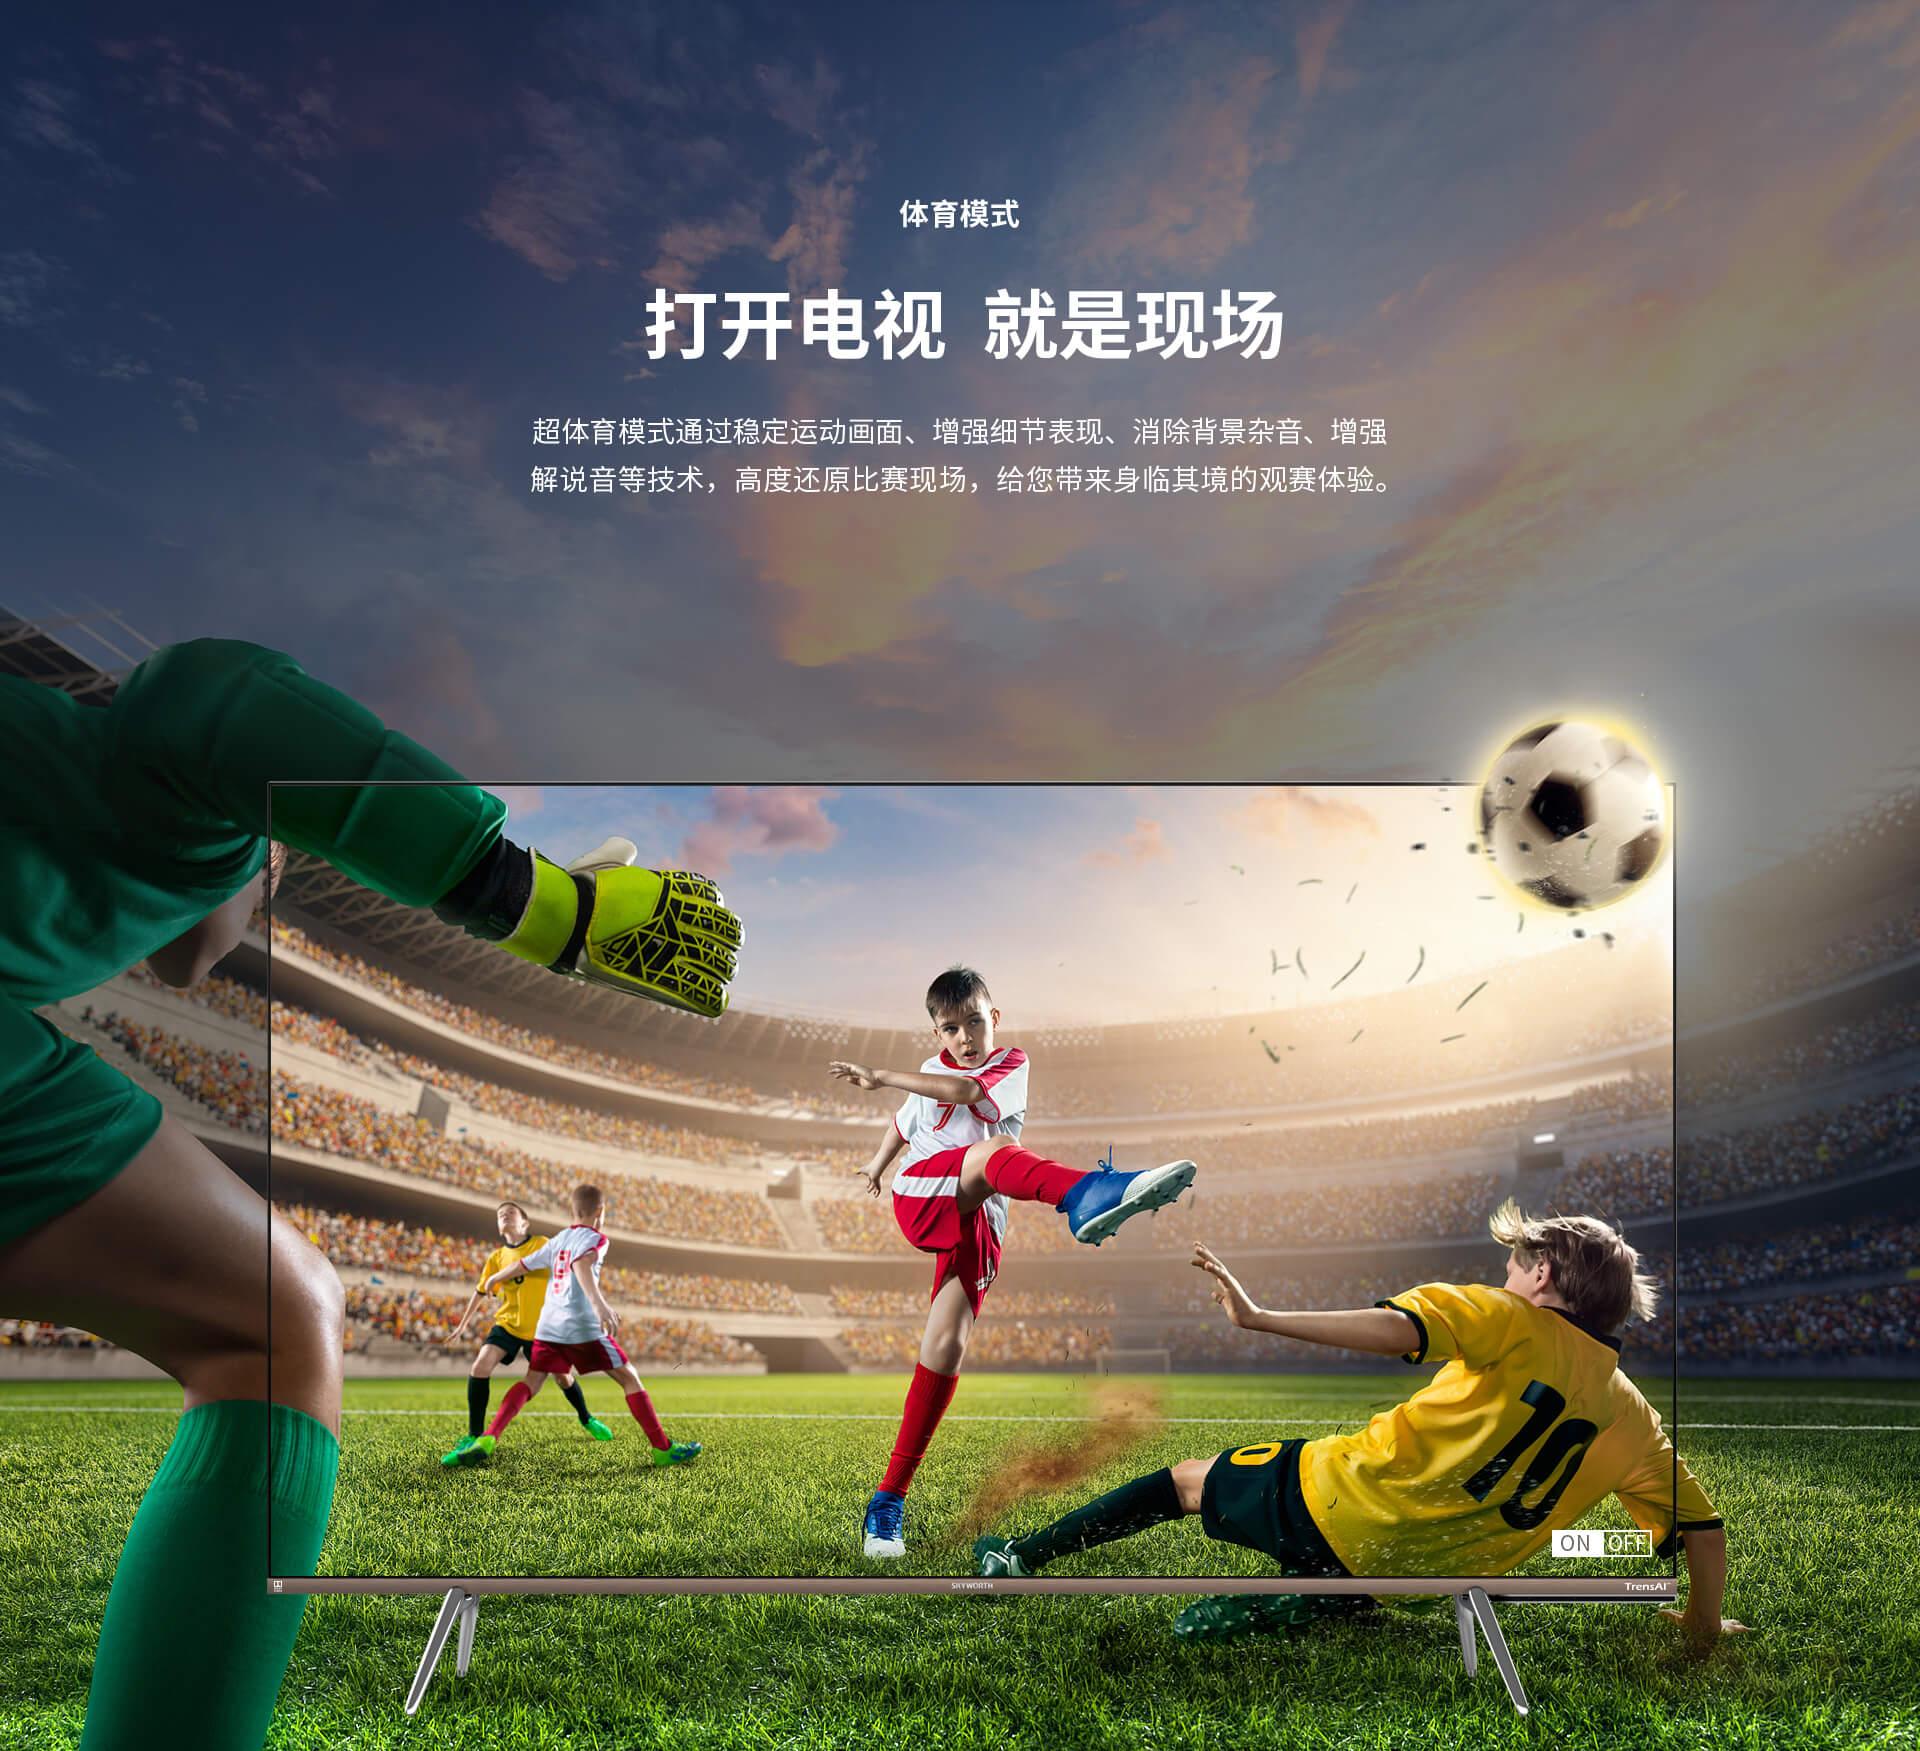 14-体育模式.jpg